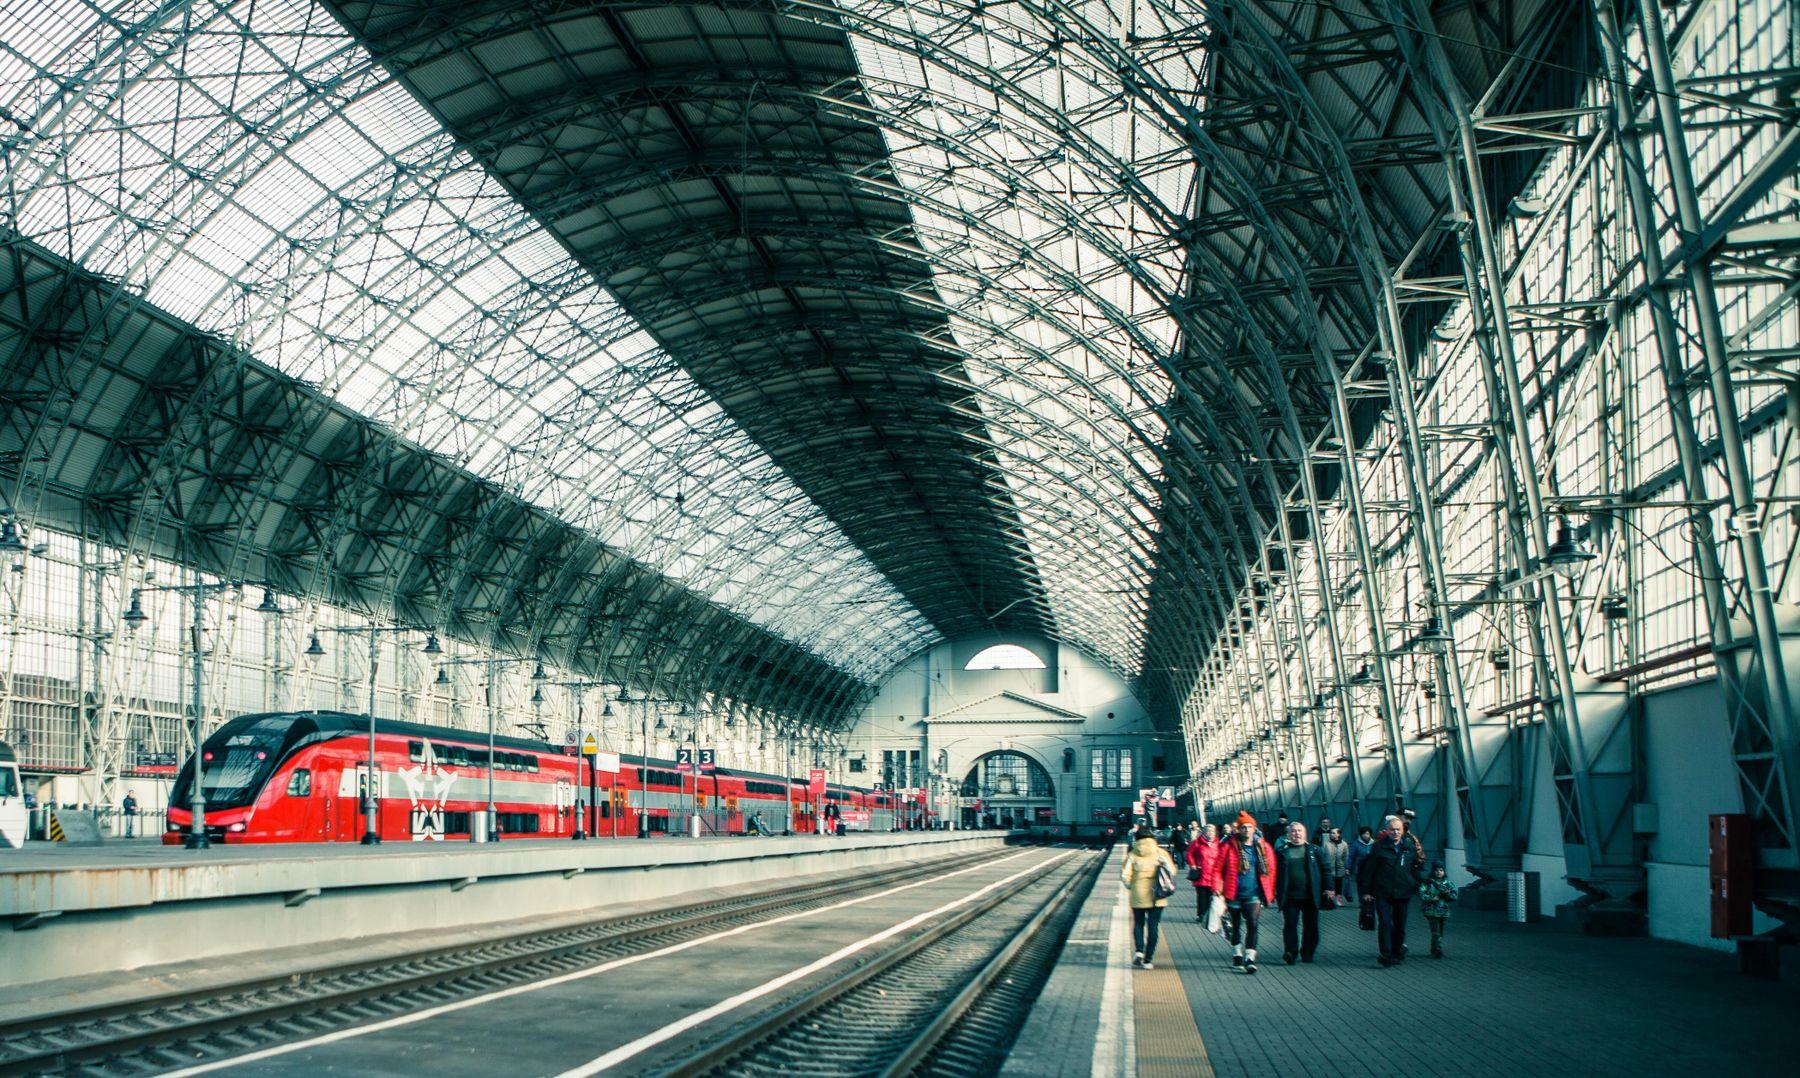 В ДОРОГУ вокзал поезд пути пассажиры